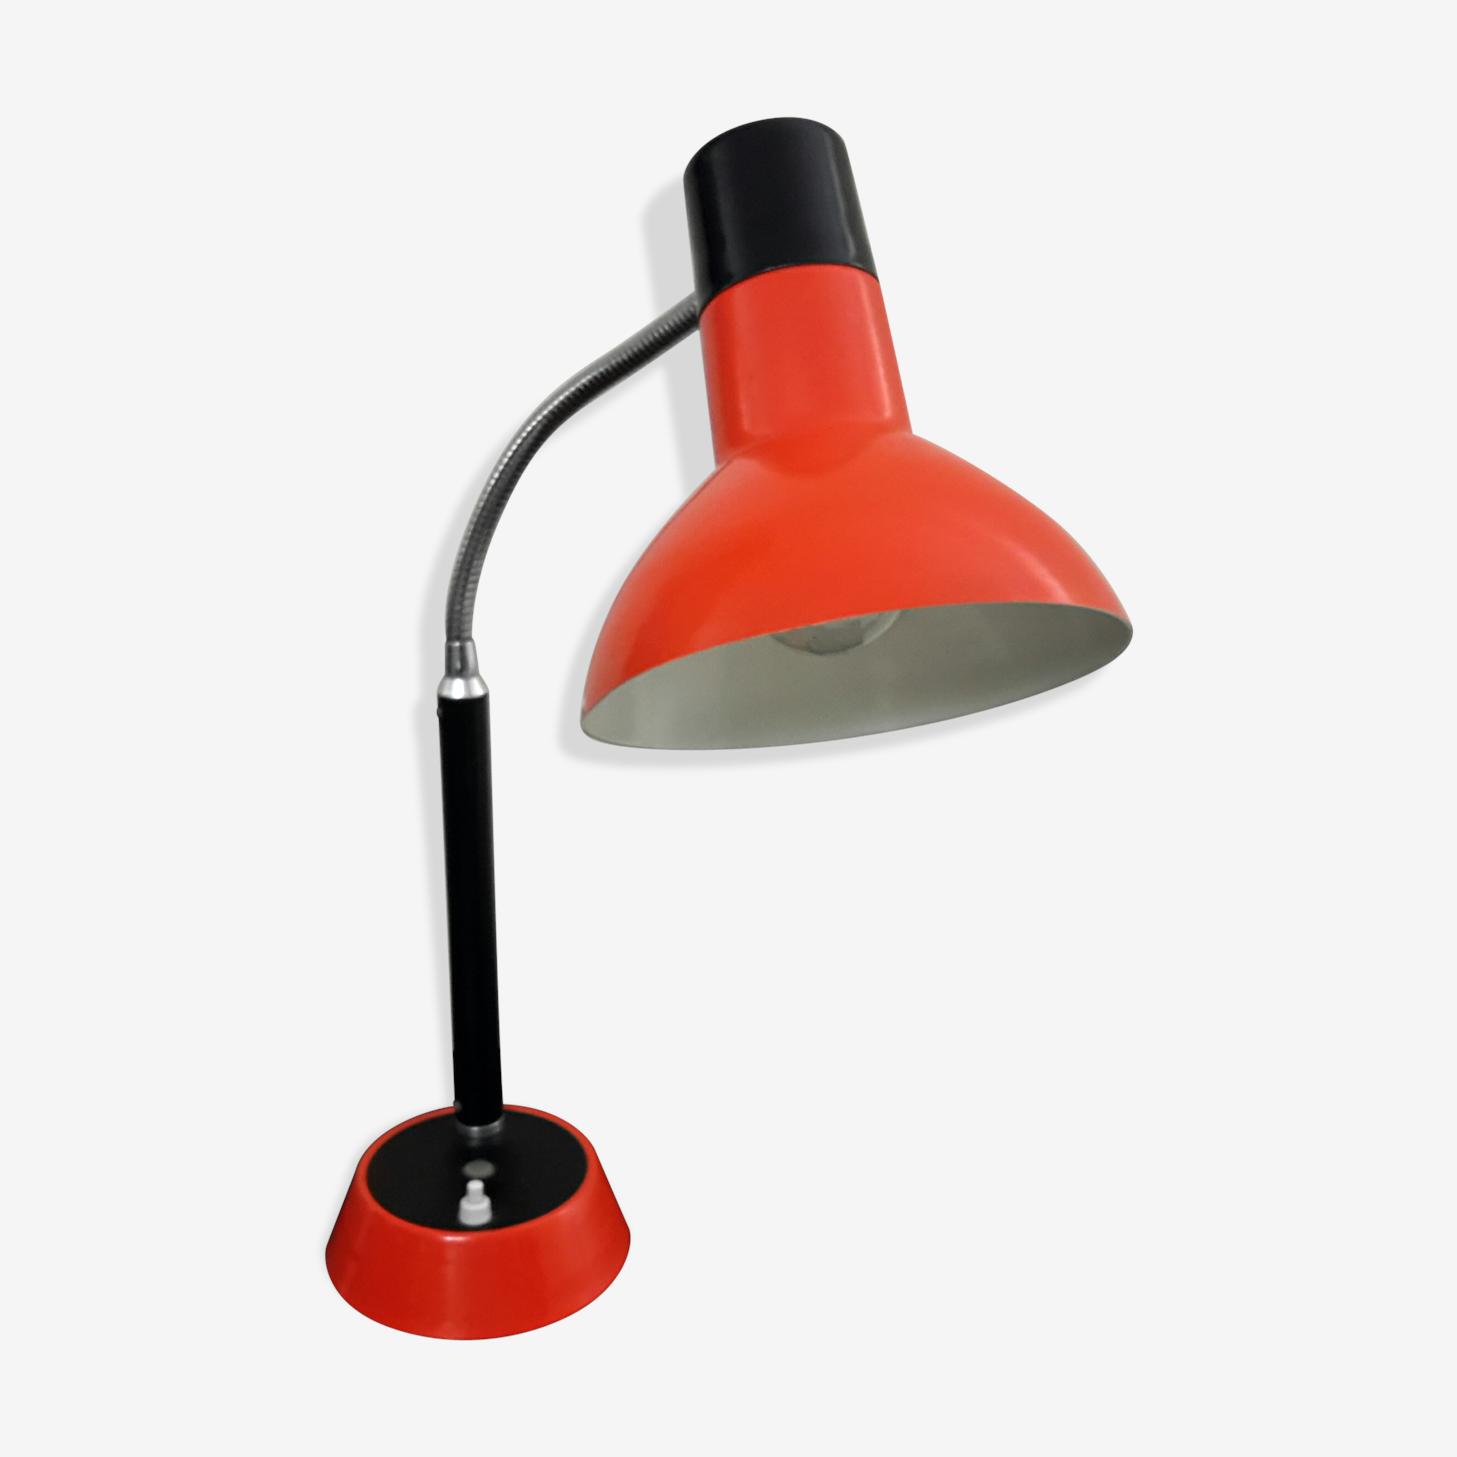 Lampe de bureau années 70 en métal orange